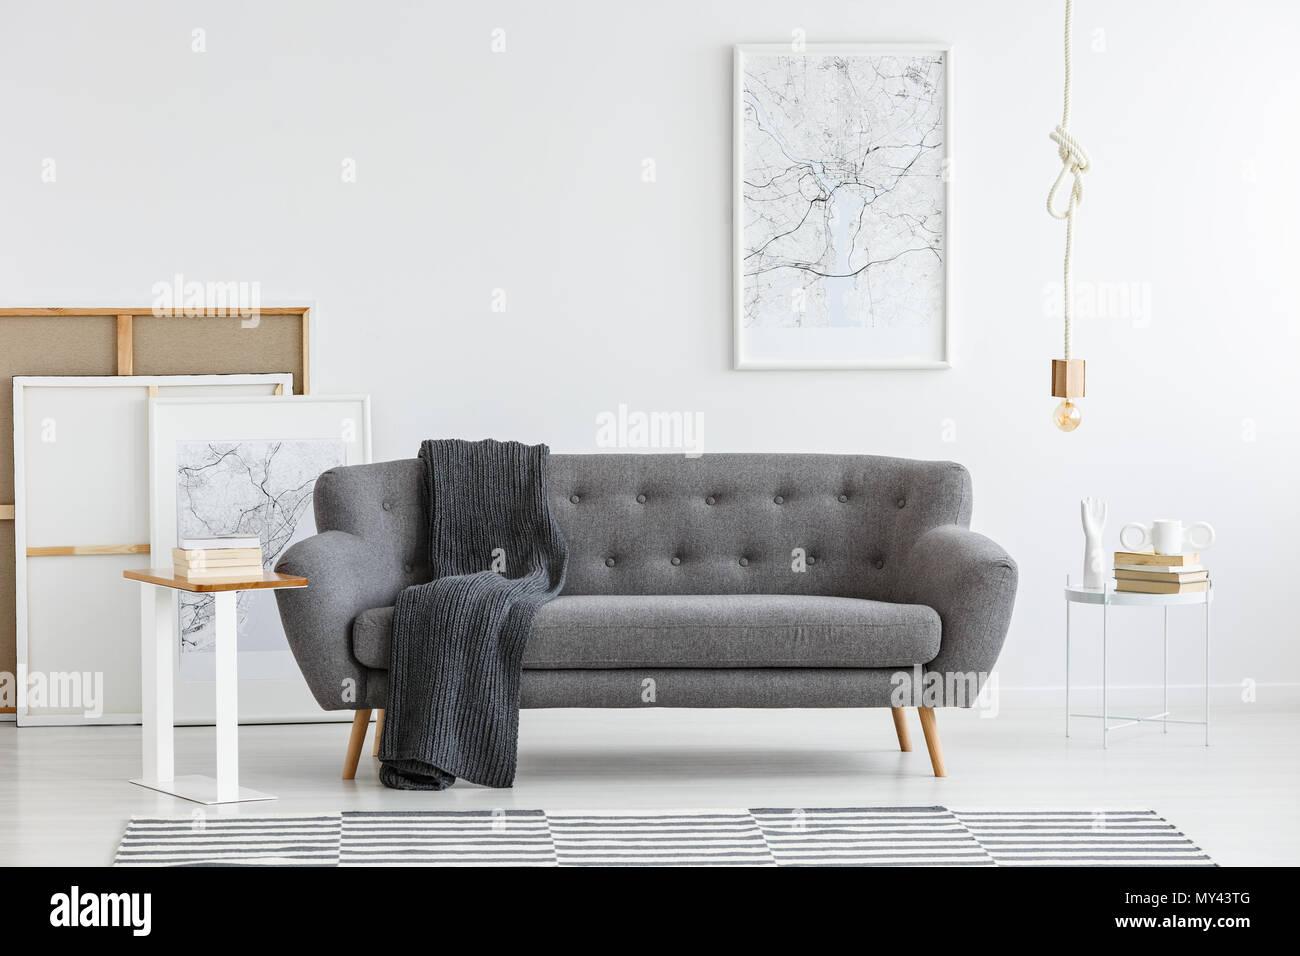 Scandi Wohnzimmer Einrichtung mit Grau, großes Sofa in der Mitte und ...